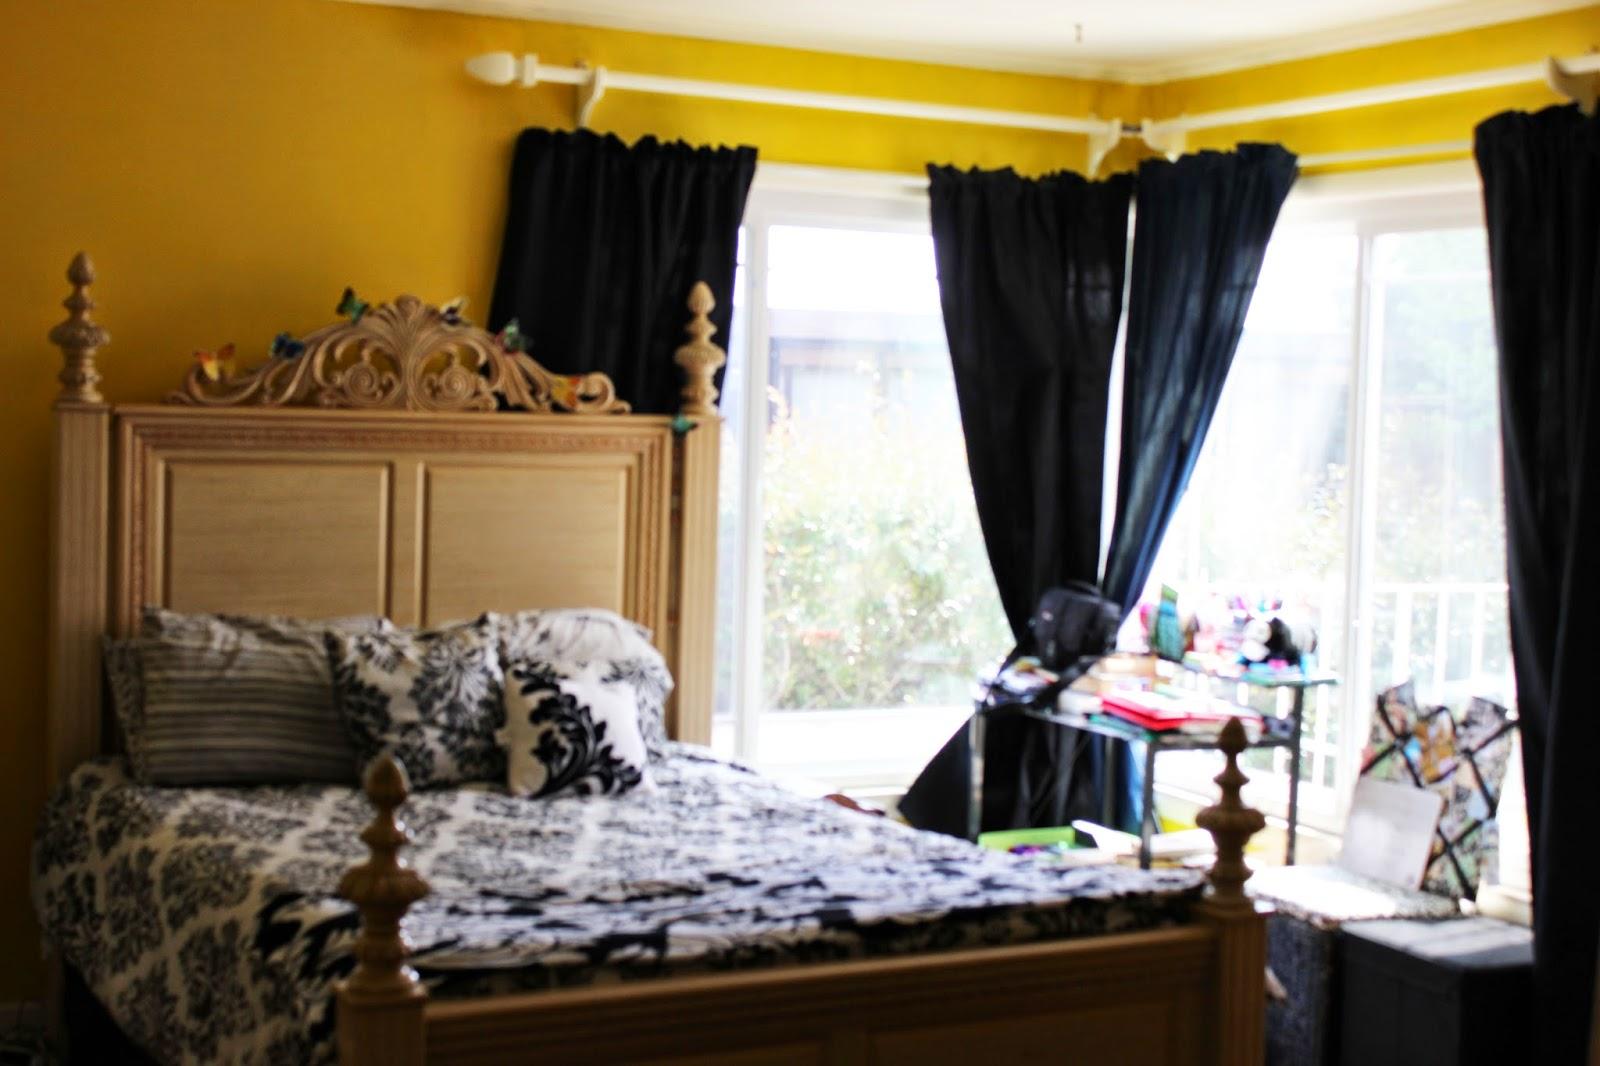 Perla sancheza my room decor las decoraci nes de mi for Decoraciones para cuartos